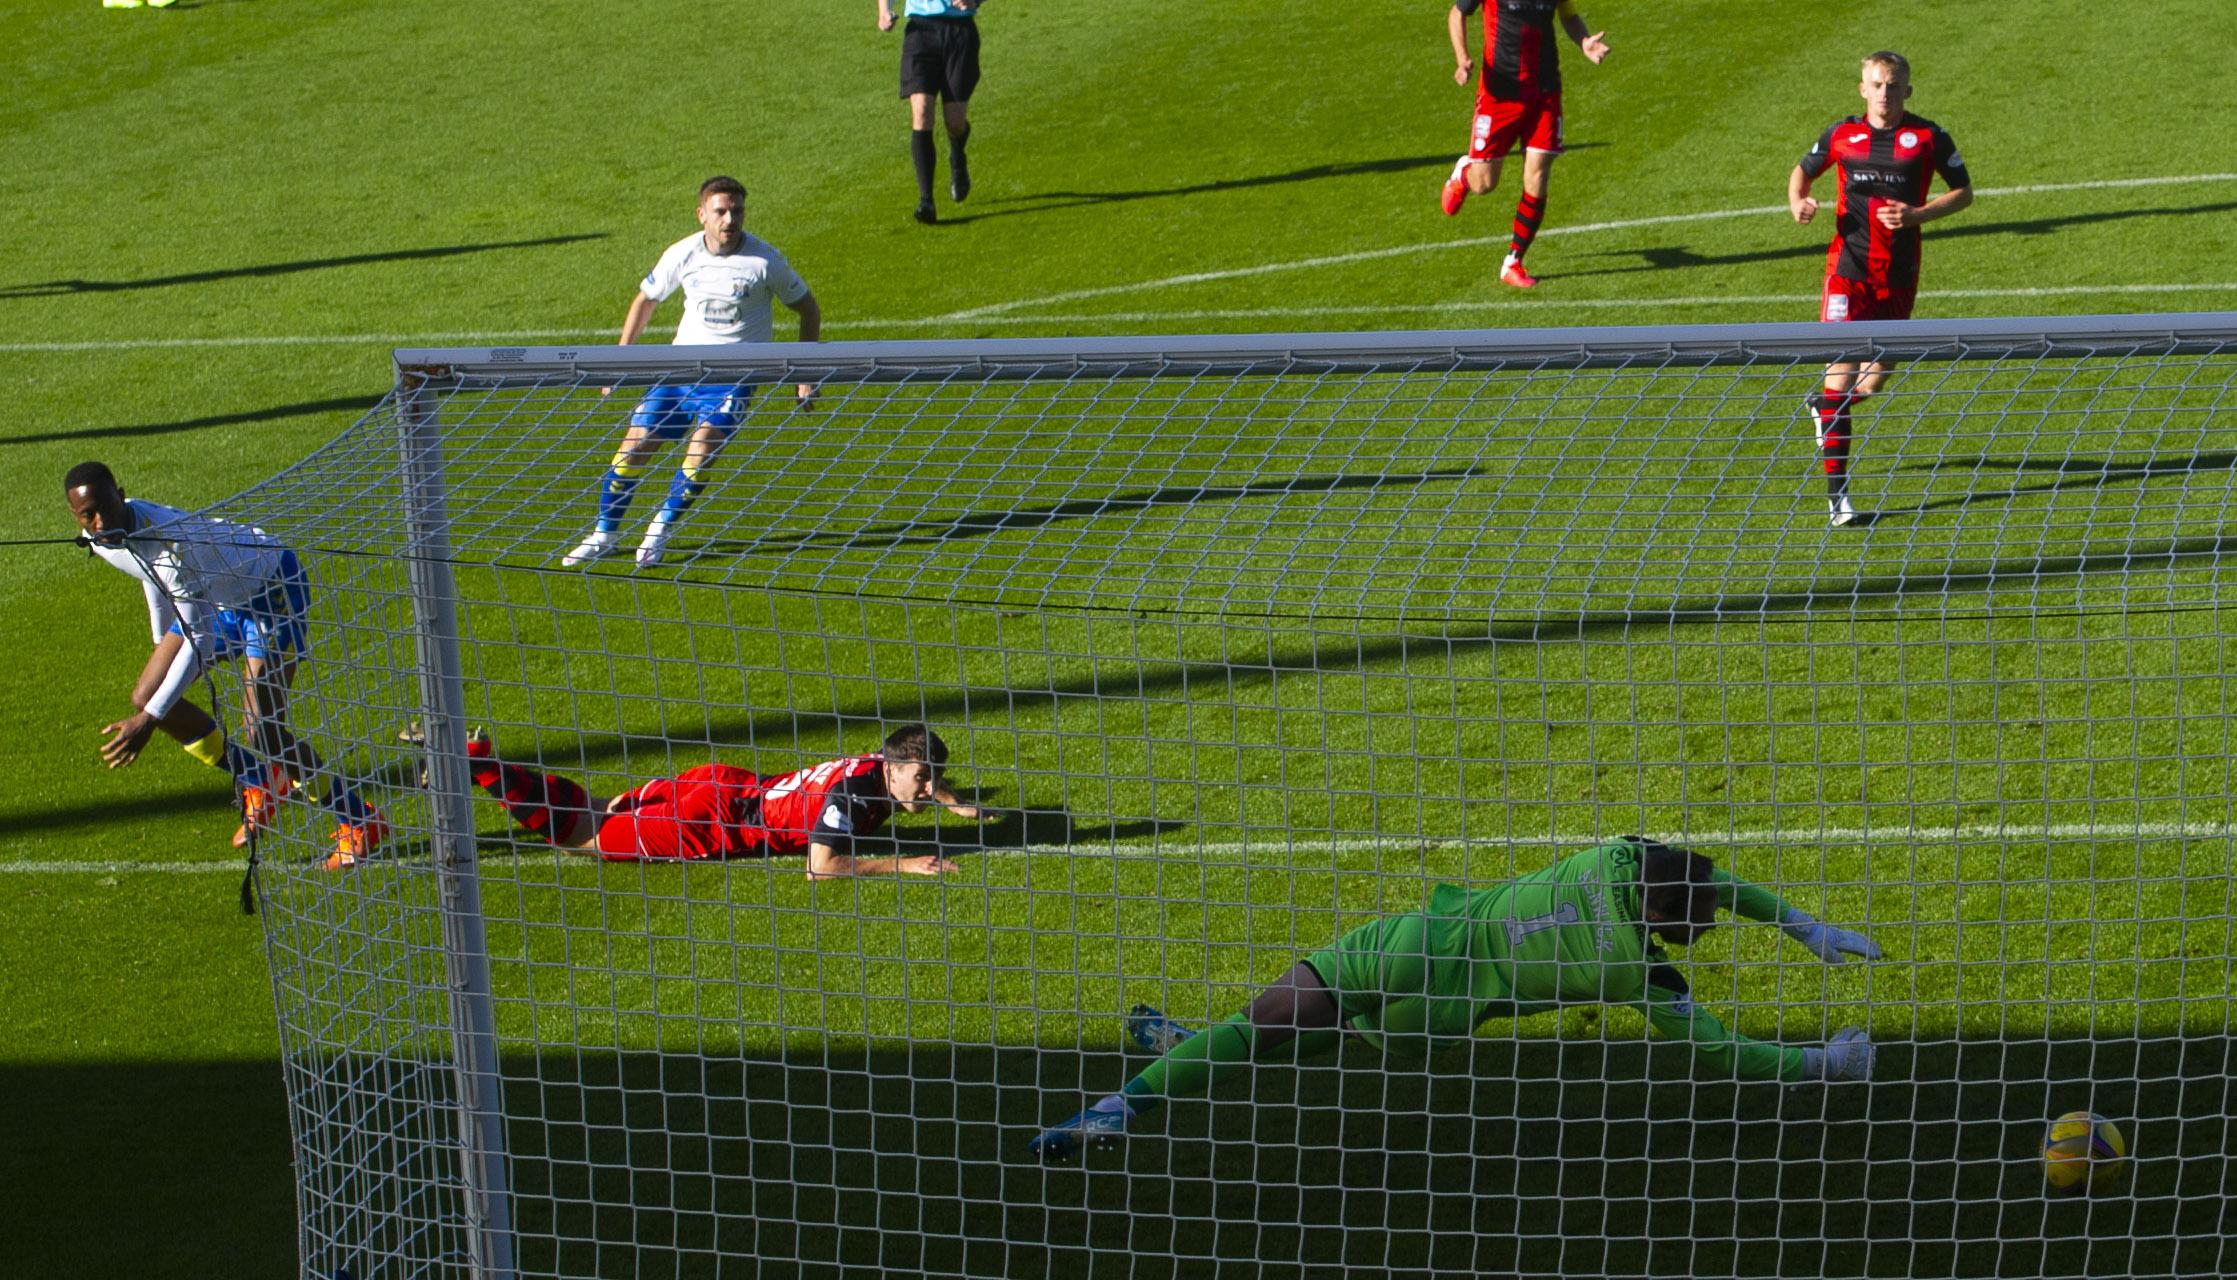 St Mirren 0, Kilmarnock 1: Kabamba pounces to send Buddies bottom